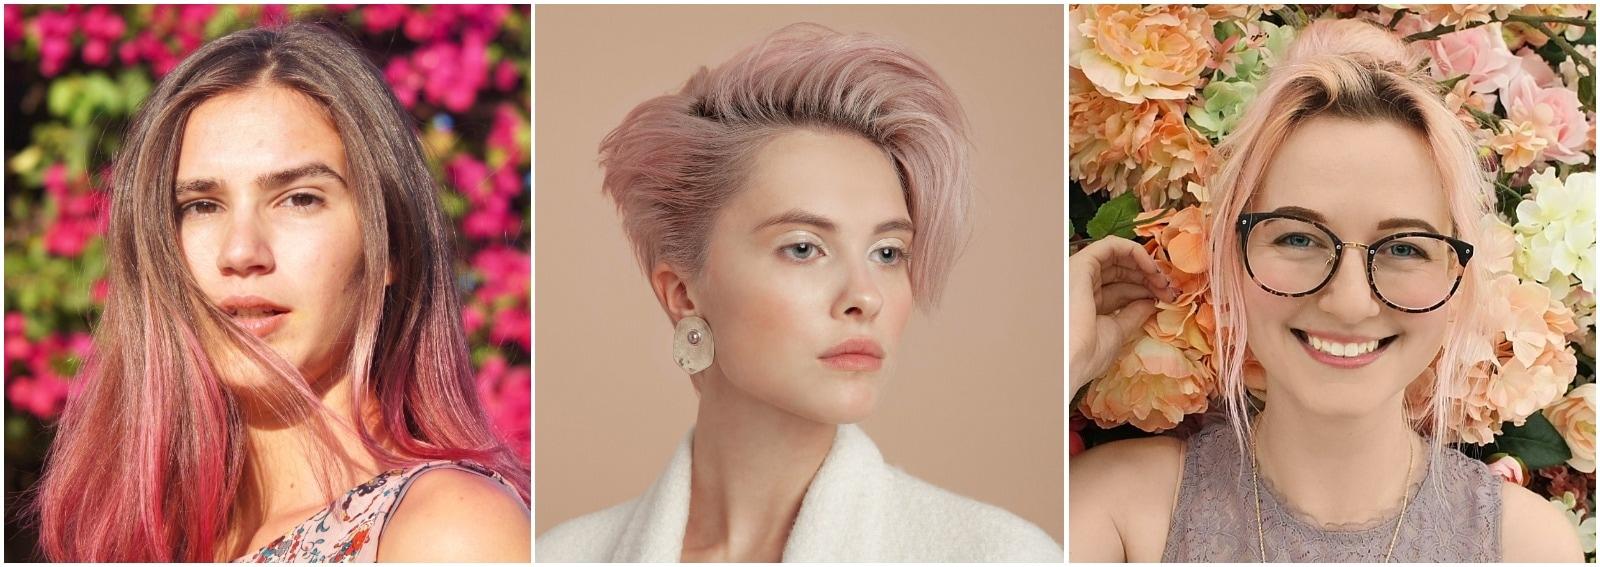 capelli-rosa-come-portarli-cover desktop 01